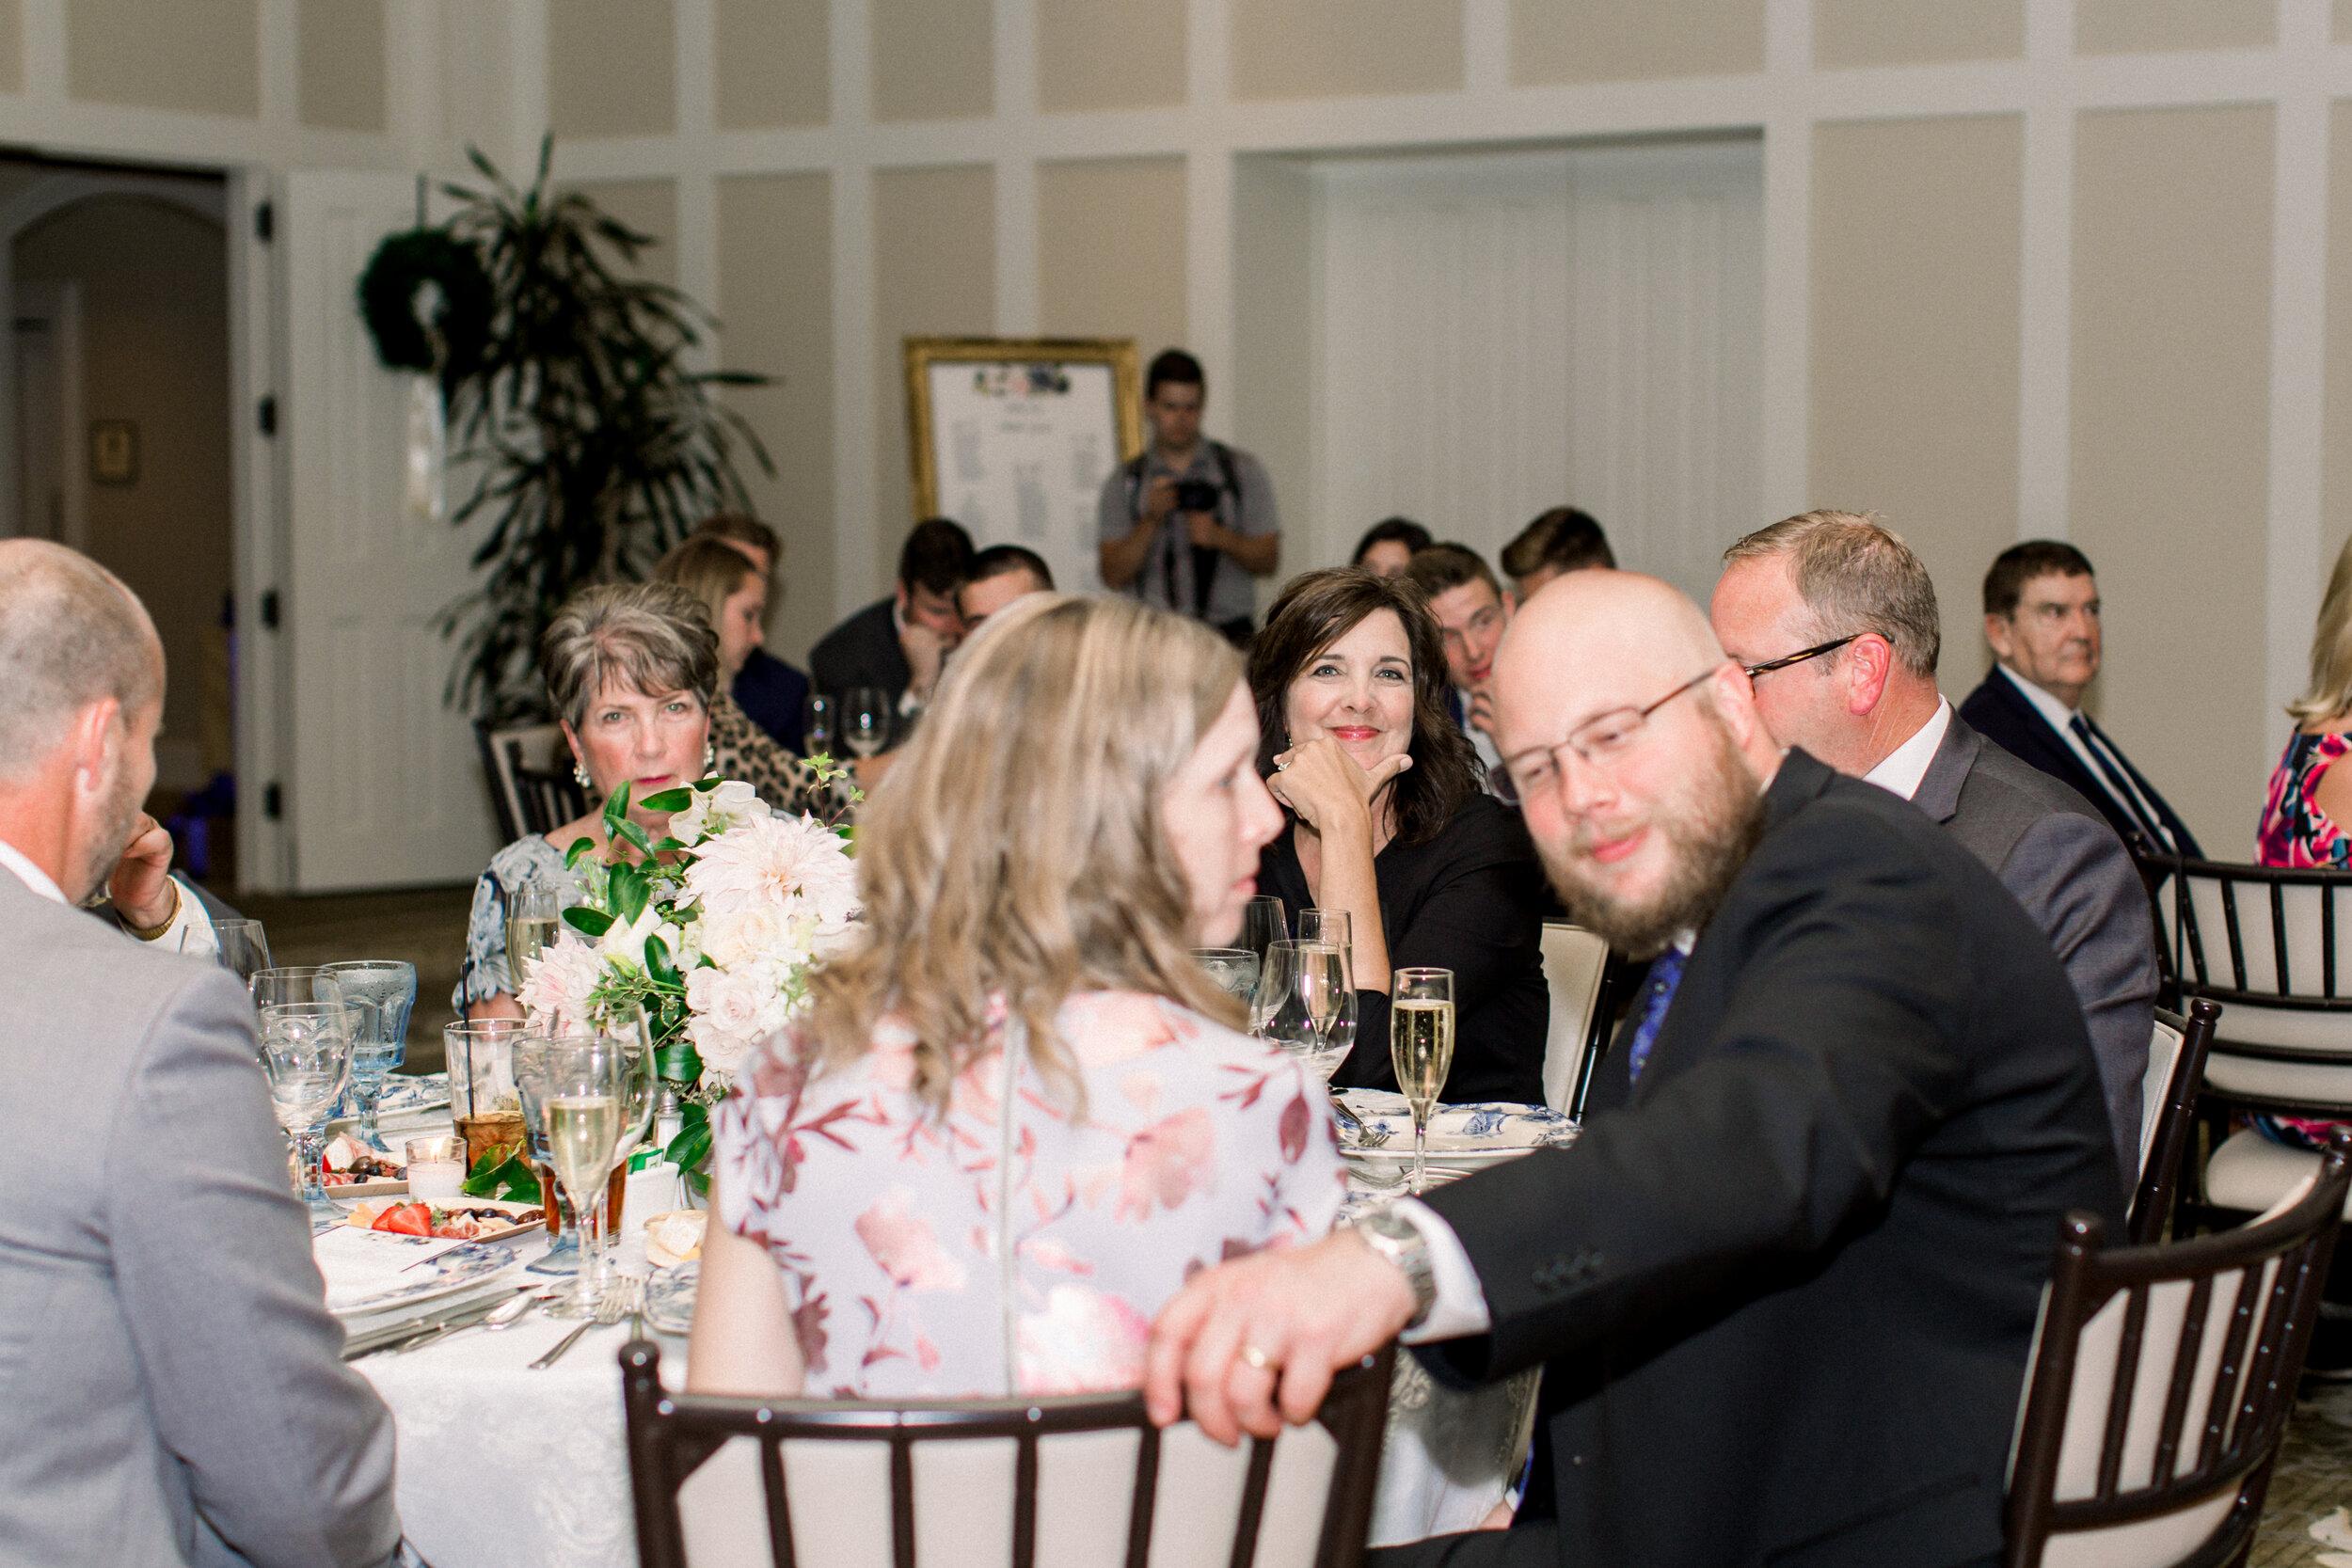 Kuiper+Wedding+Reception-82.jpg